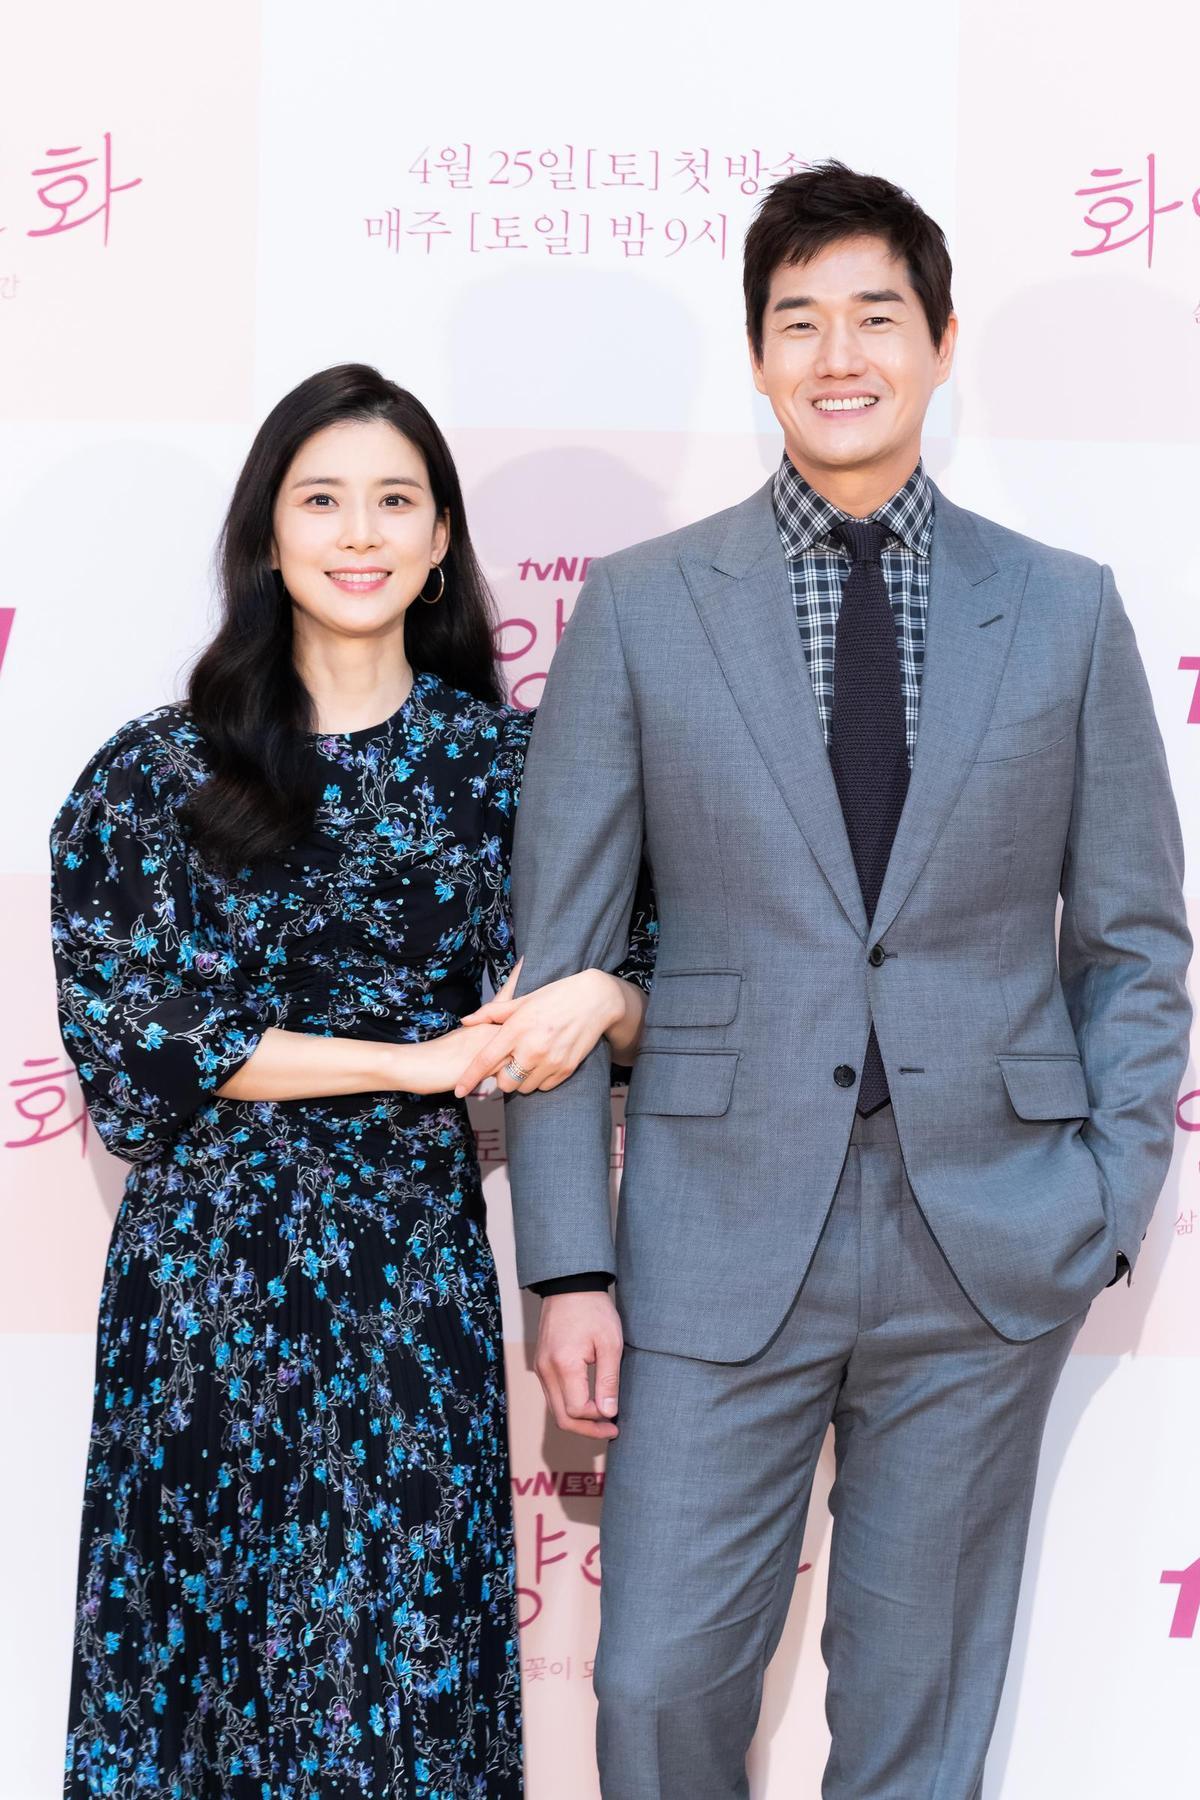 劉智泰(右)身材保持得非常好,謙稱配合角色做形象管理是演員的基本。(中天電視台提供)